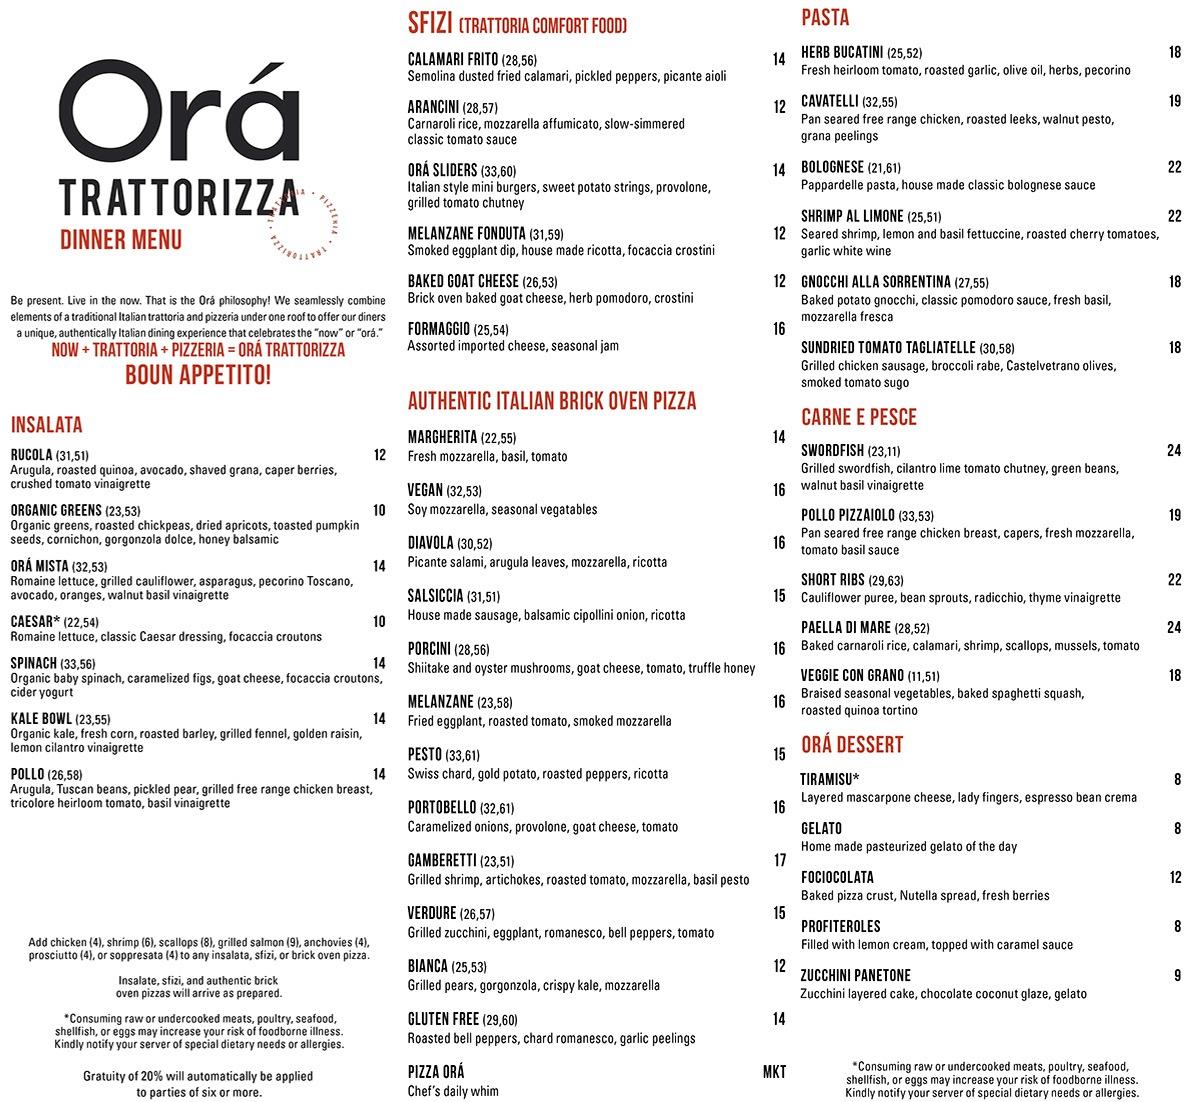 Orá Trattorizza dinner menu